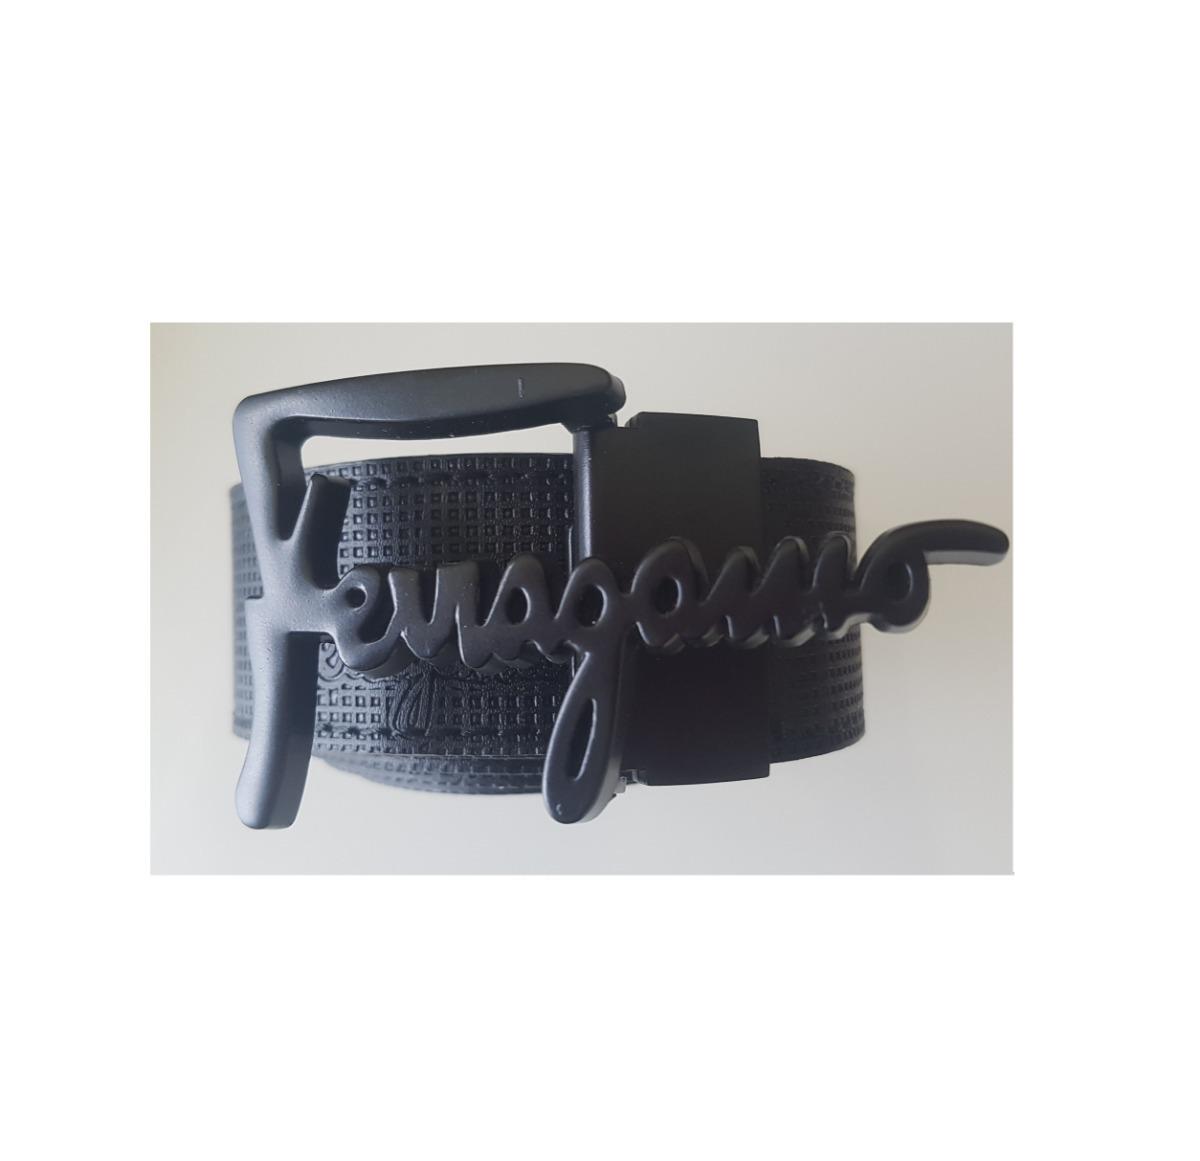 cinturon ferragamo hombre caballero hebilla logo piel cinto. Cargando zoom. b72d41c80a3f